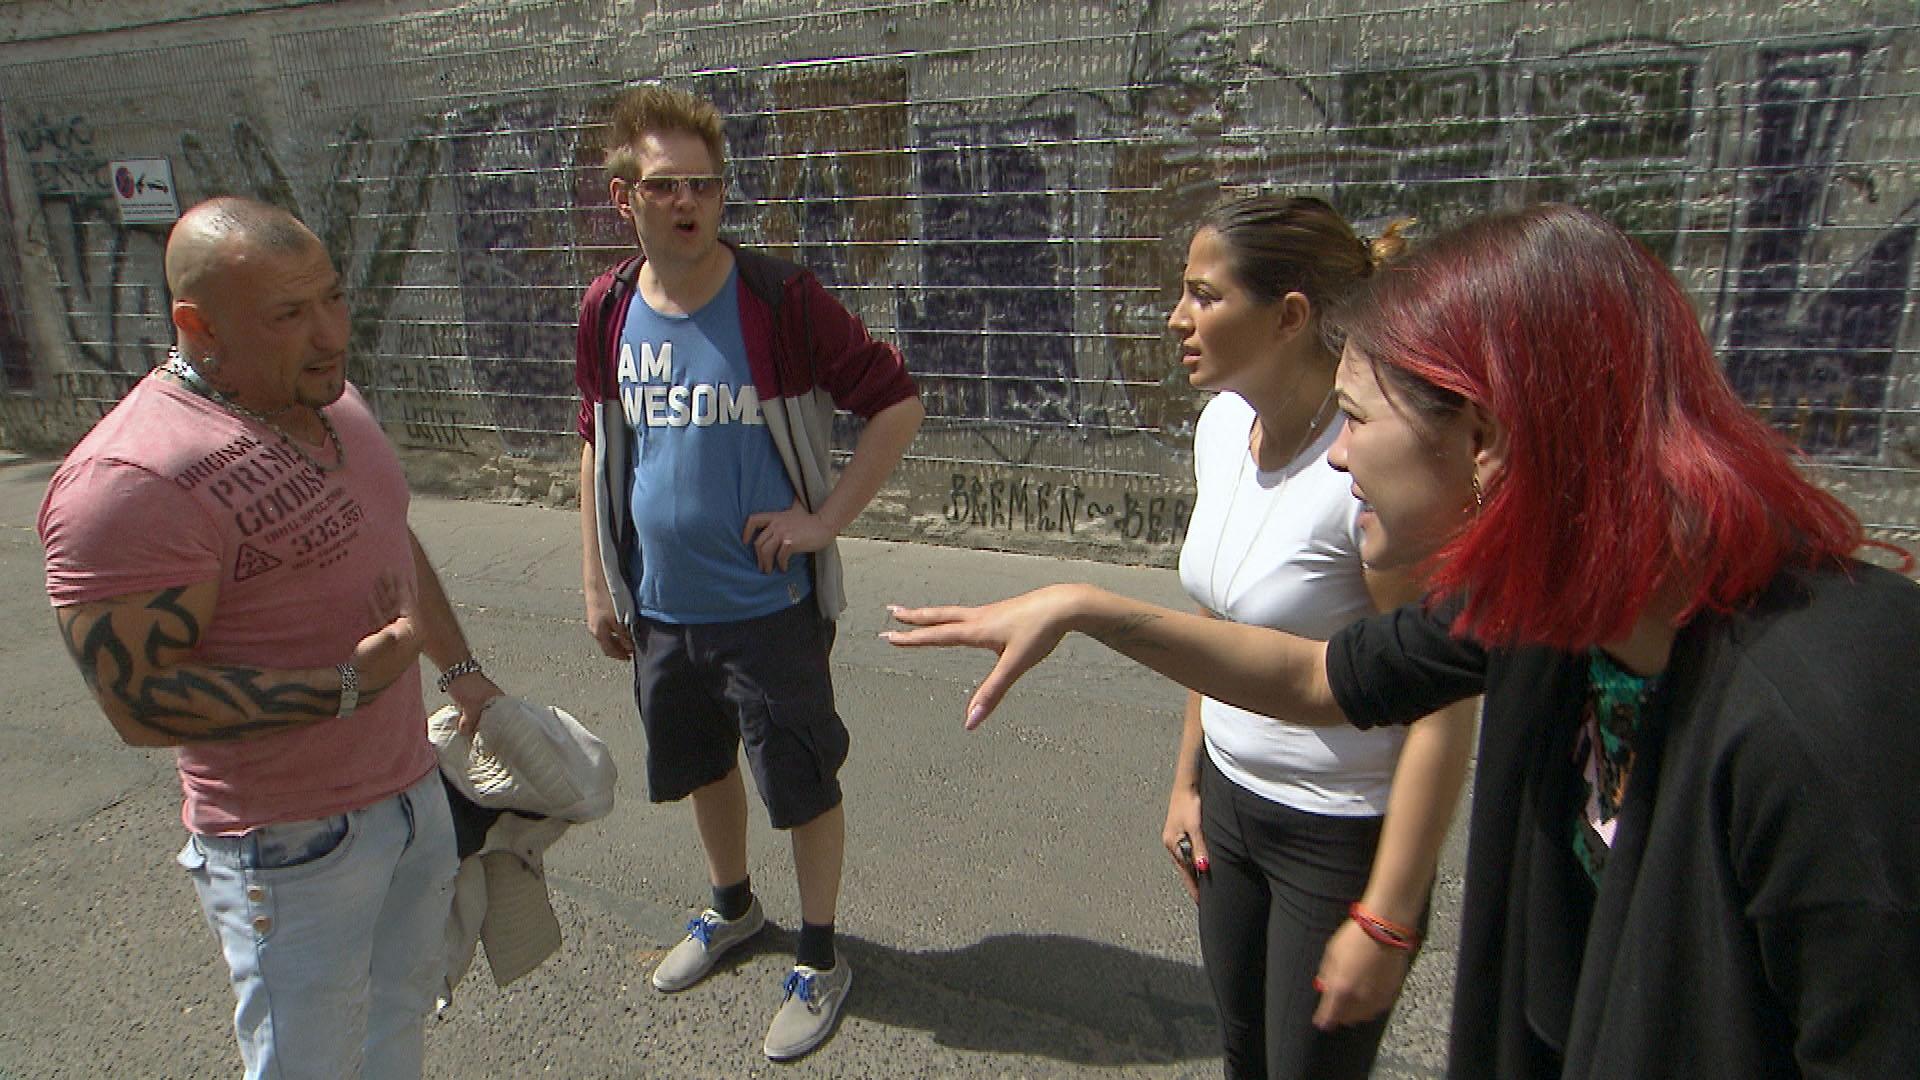 v.l.n.r.: Fabrizio, Ole, Alessia, Jessica (Quelle: RTL 2)